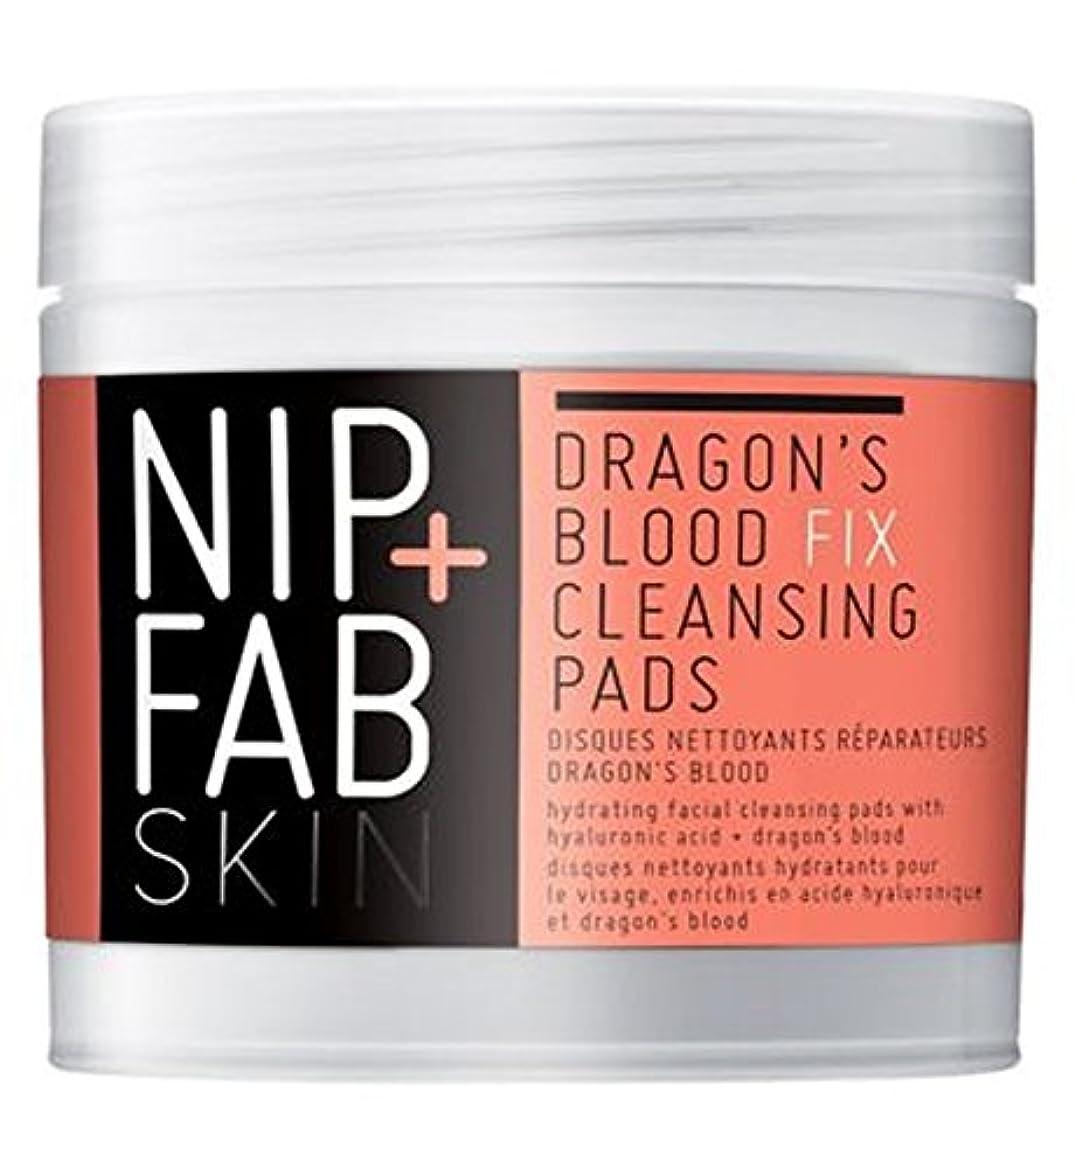 容量ガラガラ口ひげ+ファブ竜の血修正パッド80ミリリットルニップ (Nip & Fab) (x2) - Nip+Fab Dragons Blood Fix Pads 80ml (Pack of 2) [並行輸入品]